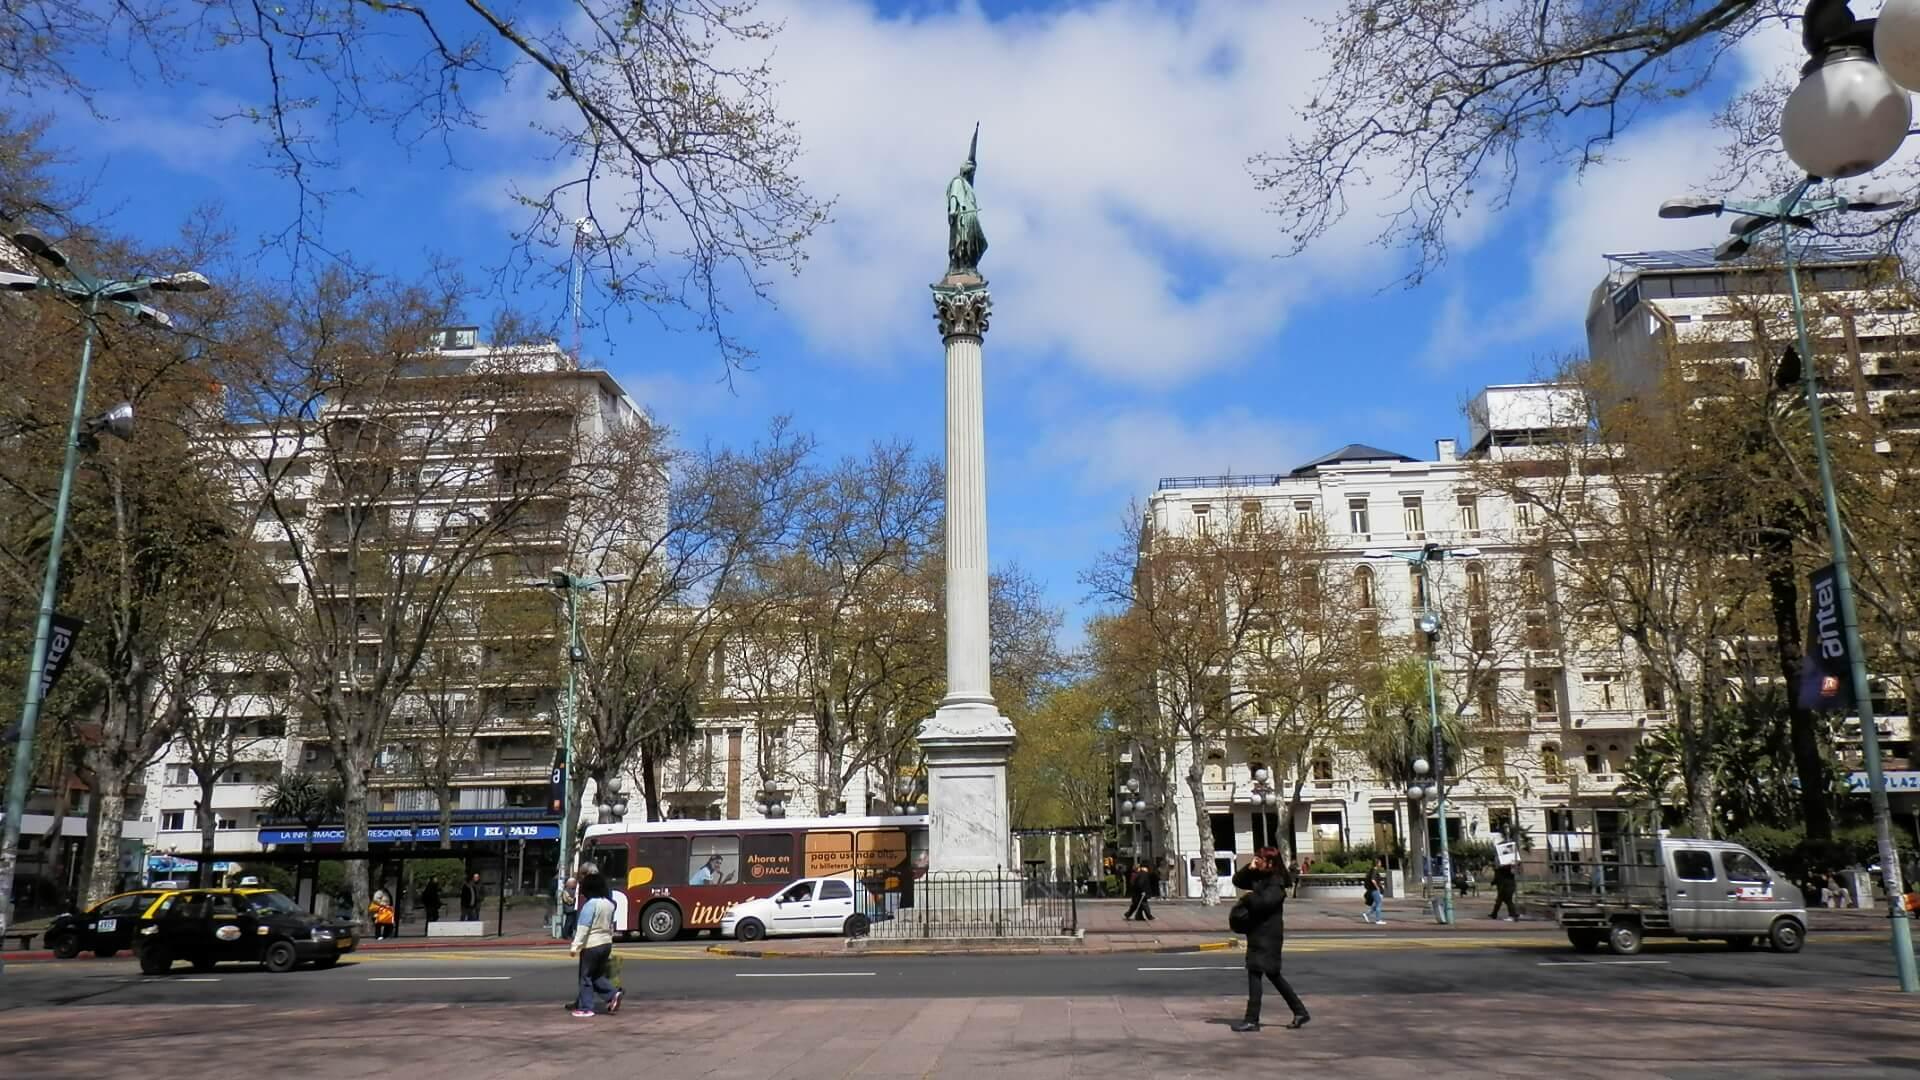 Roteiro de 5 dias em Montevidéu: Plaza Cagancha